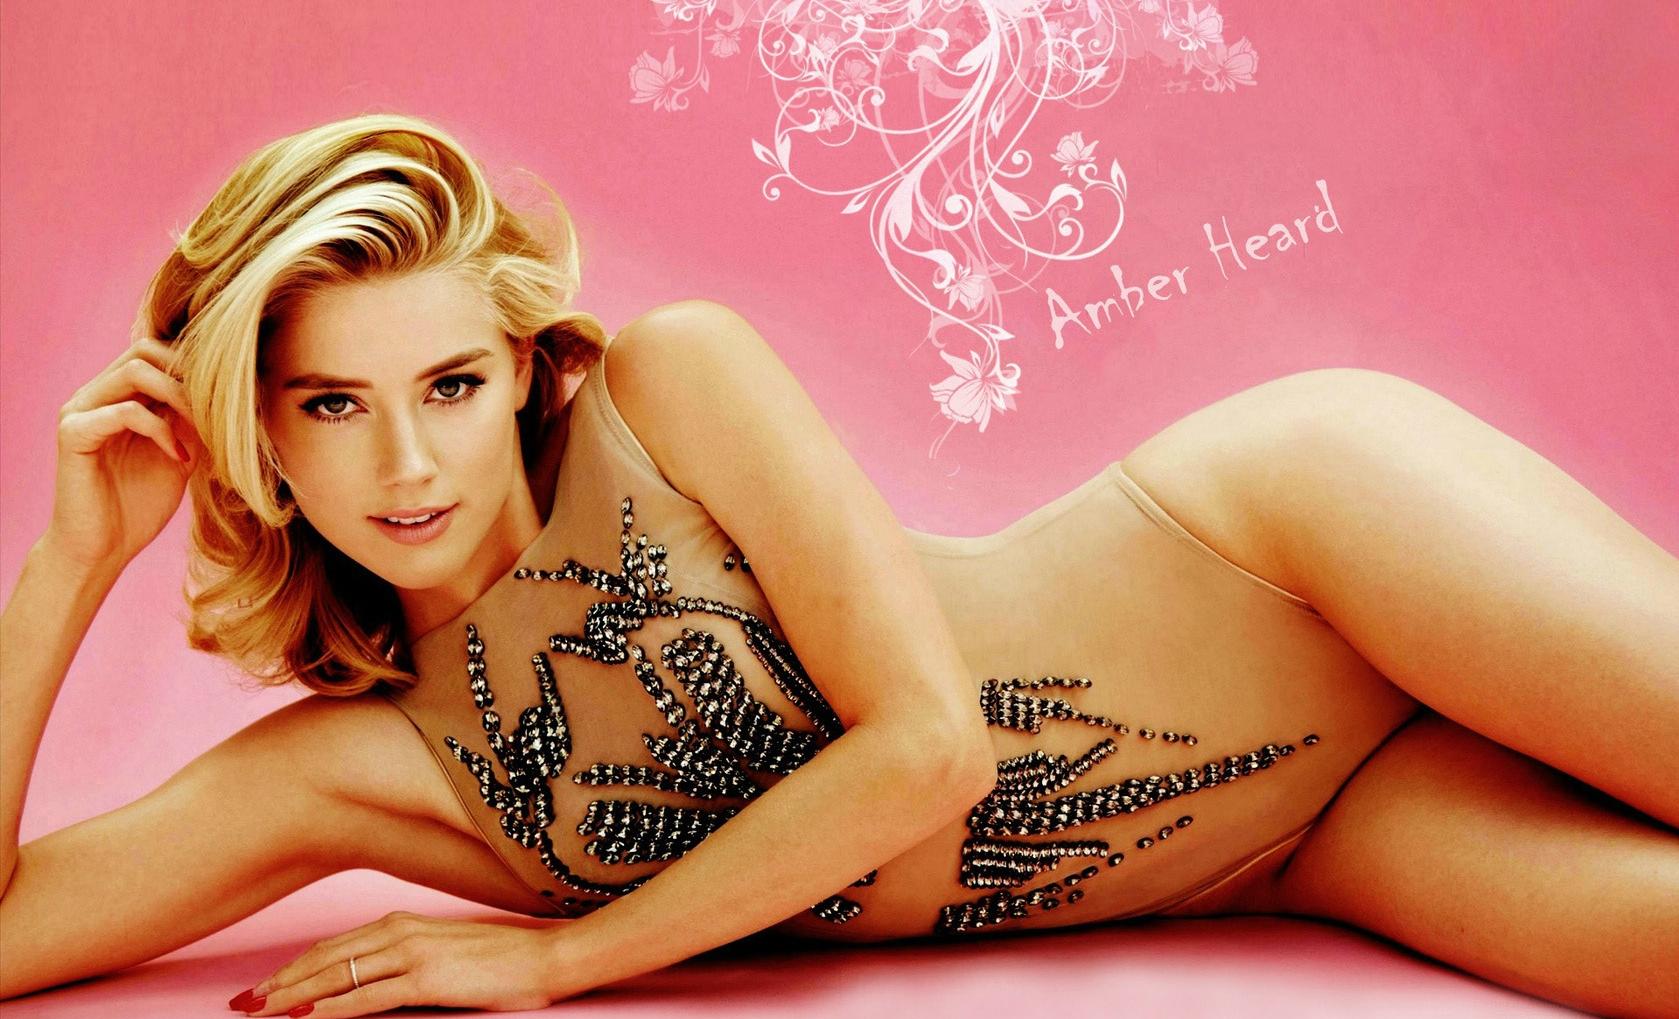 Saif Ali Khan Hd Wallpaper Facebook Covers For Amber Heard 61 72 Popopics Com